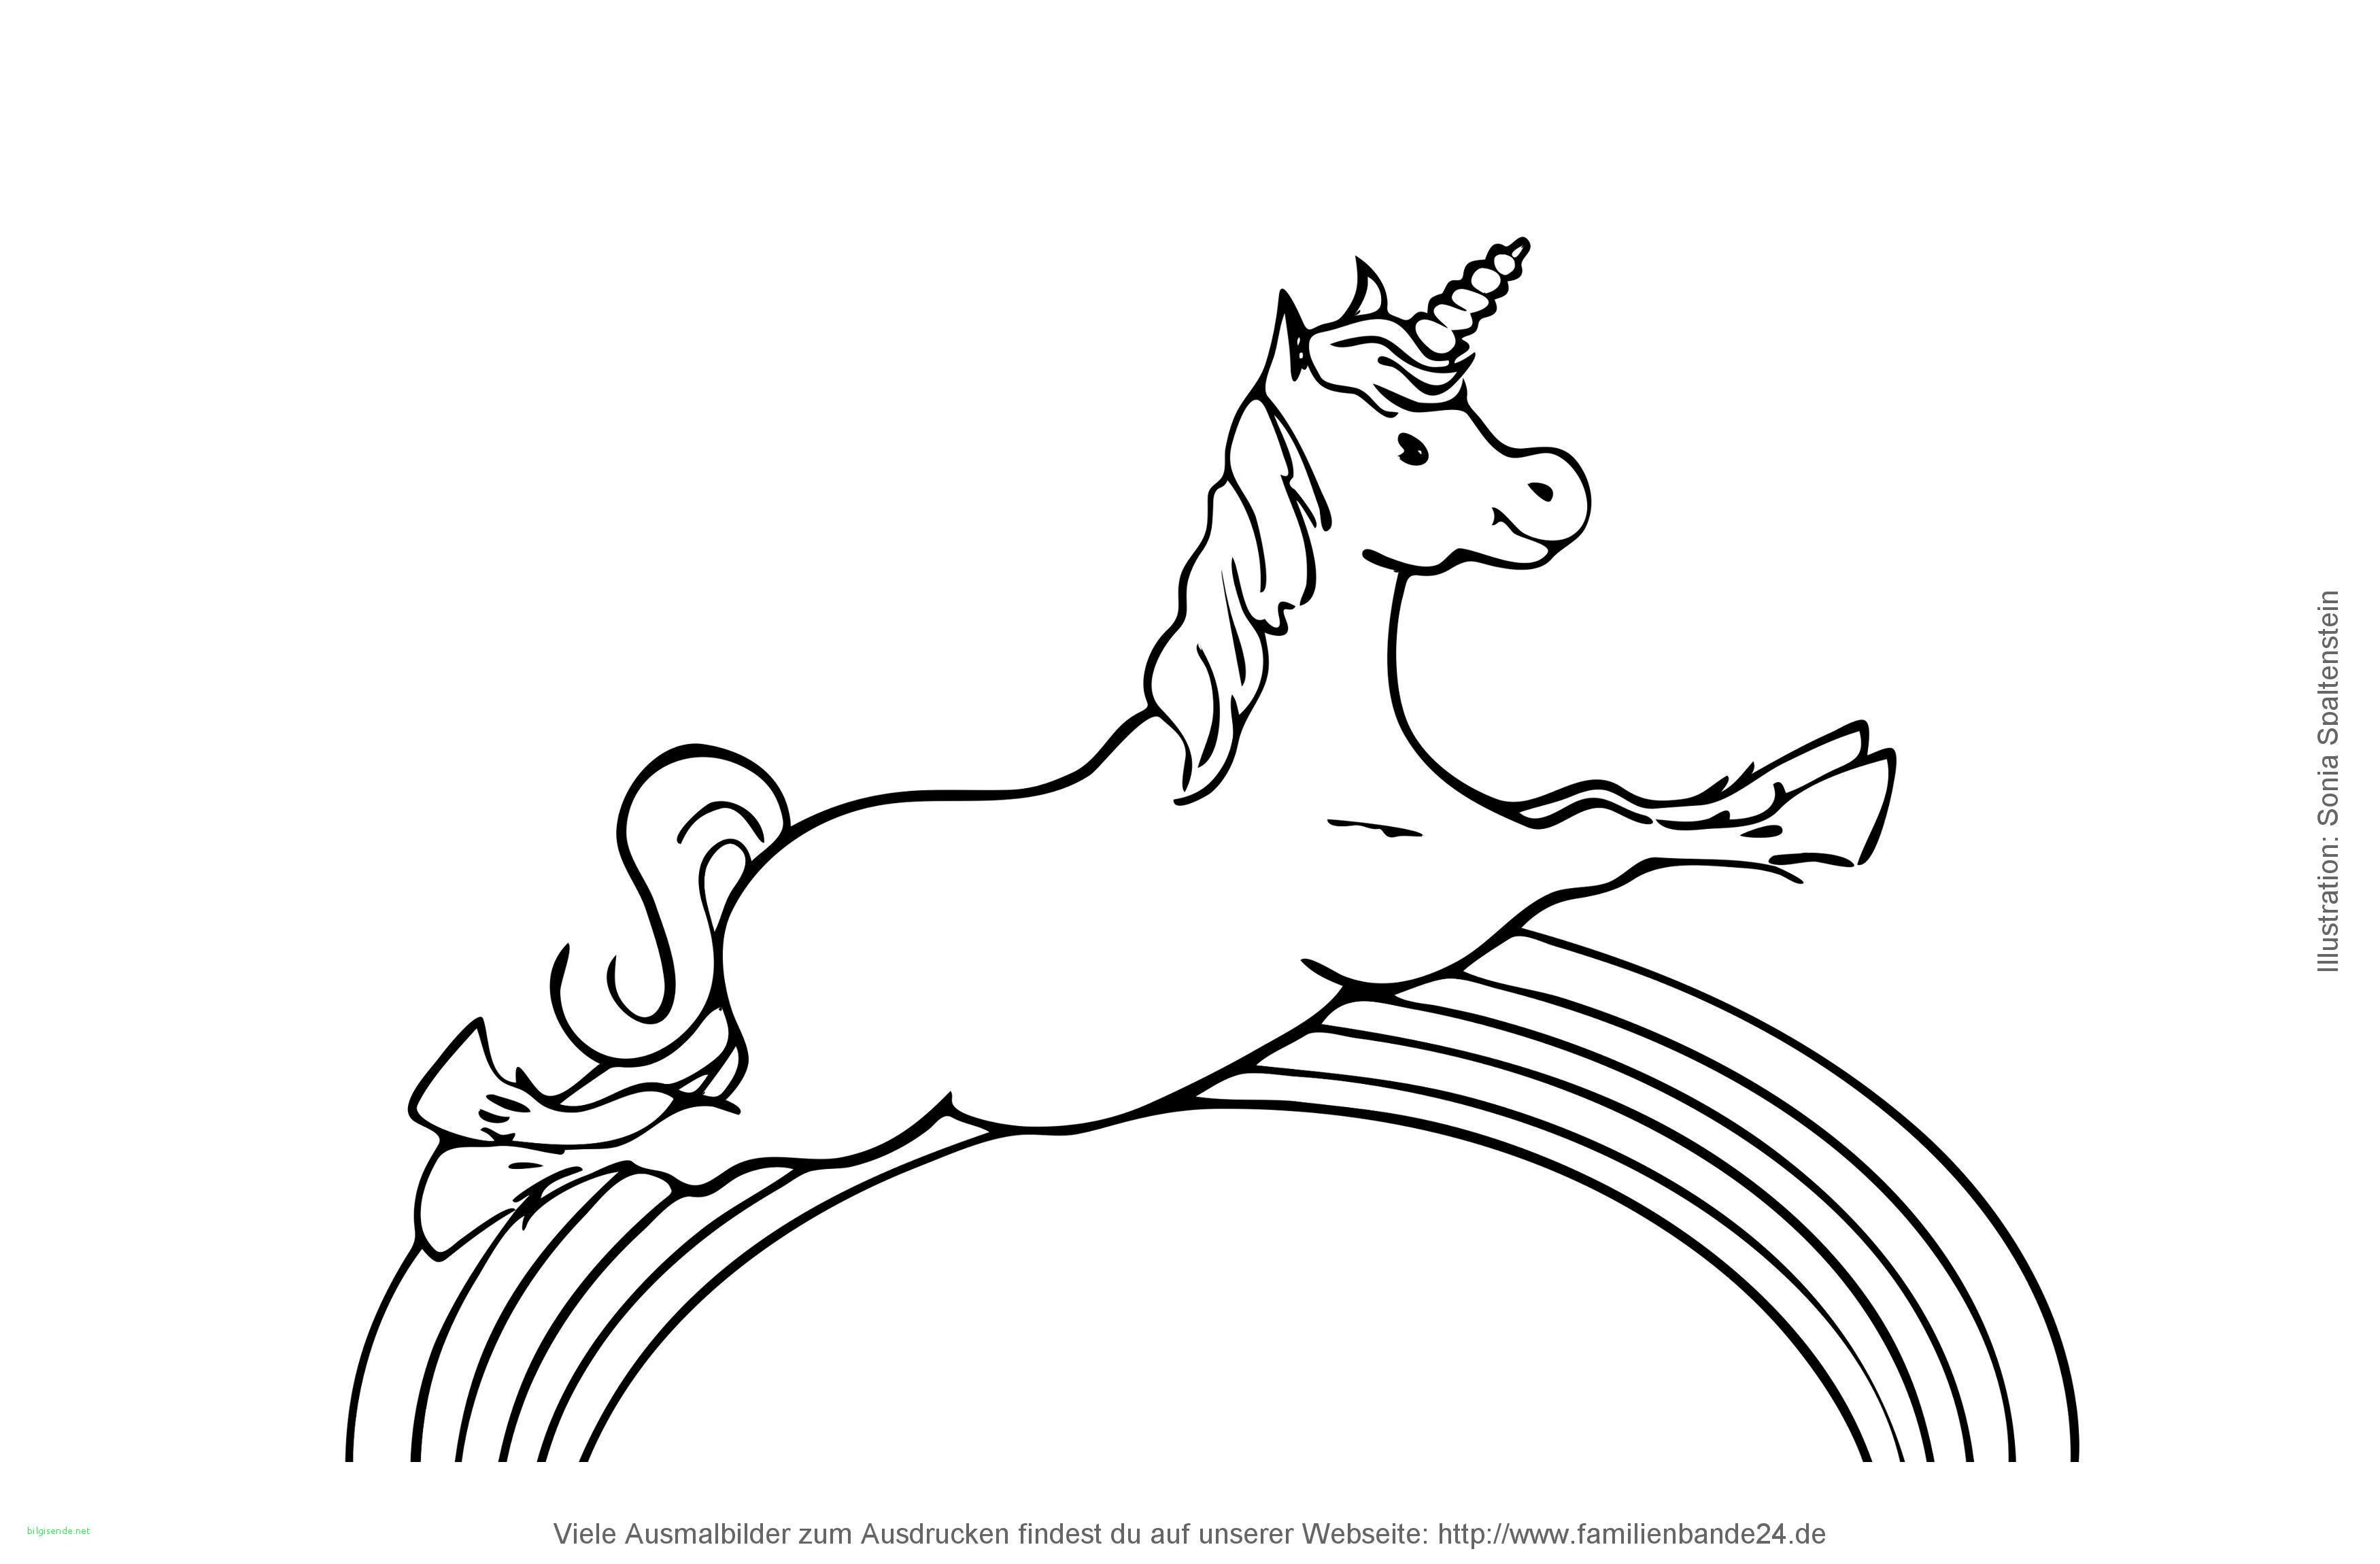 Einhorn Bilder Zum Ausdrucken Das Beste Von Awesome the Art Coloring Disney Animals Drawings Best Einhorn Sammlung